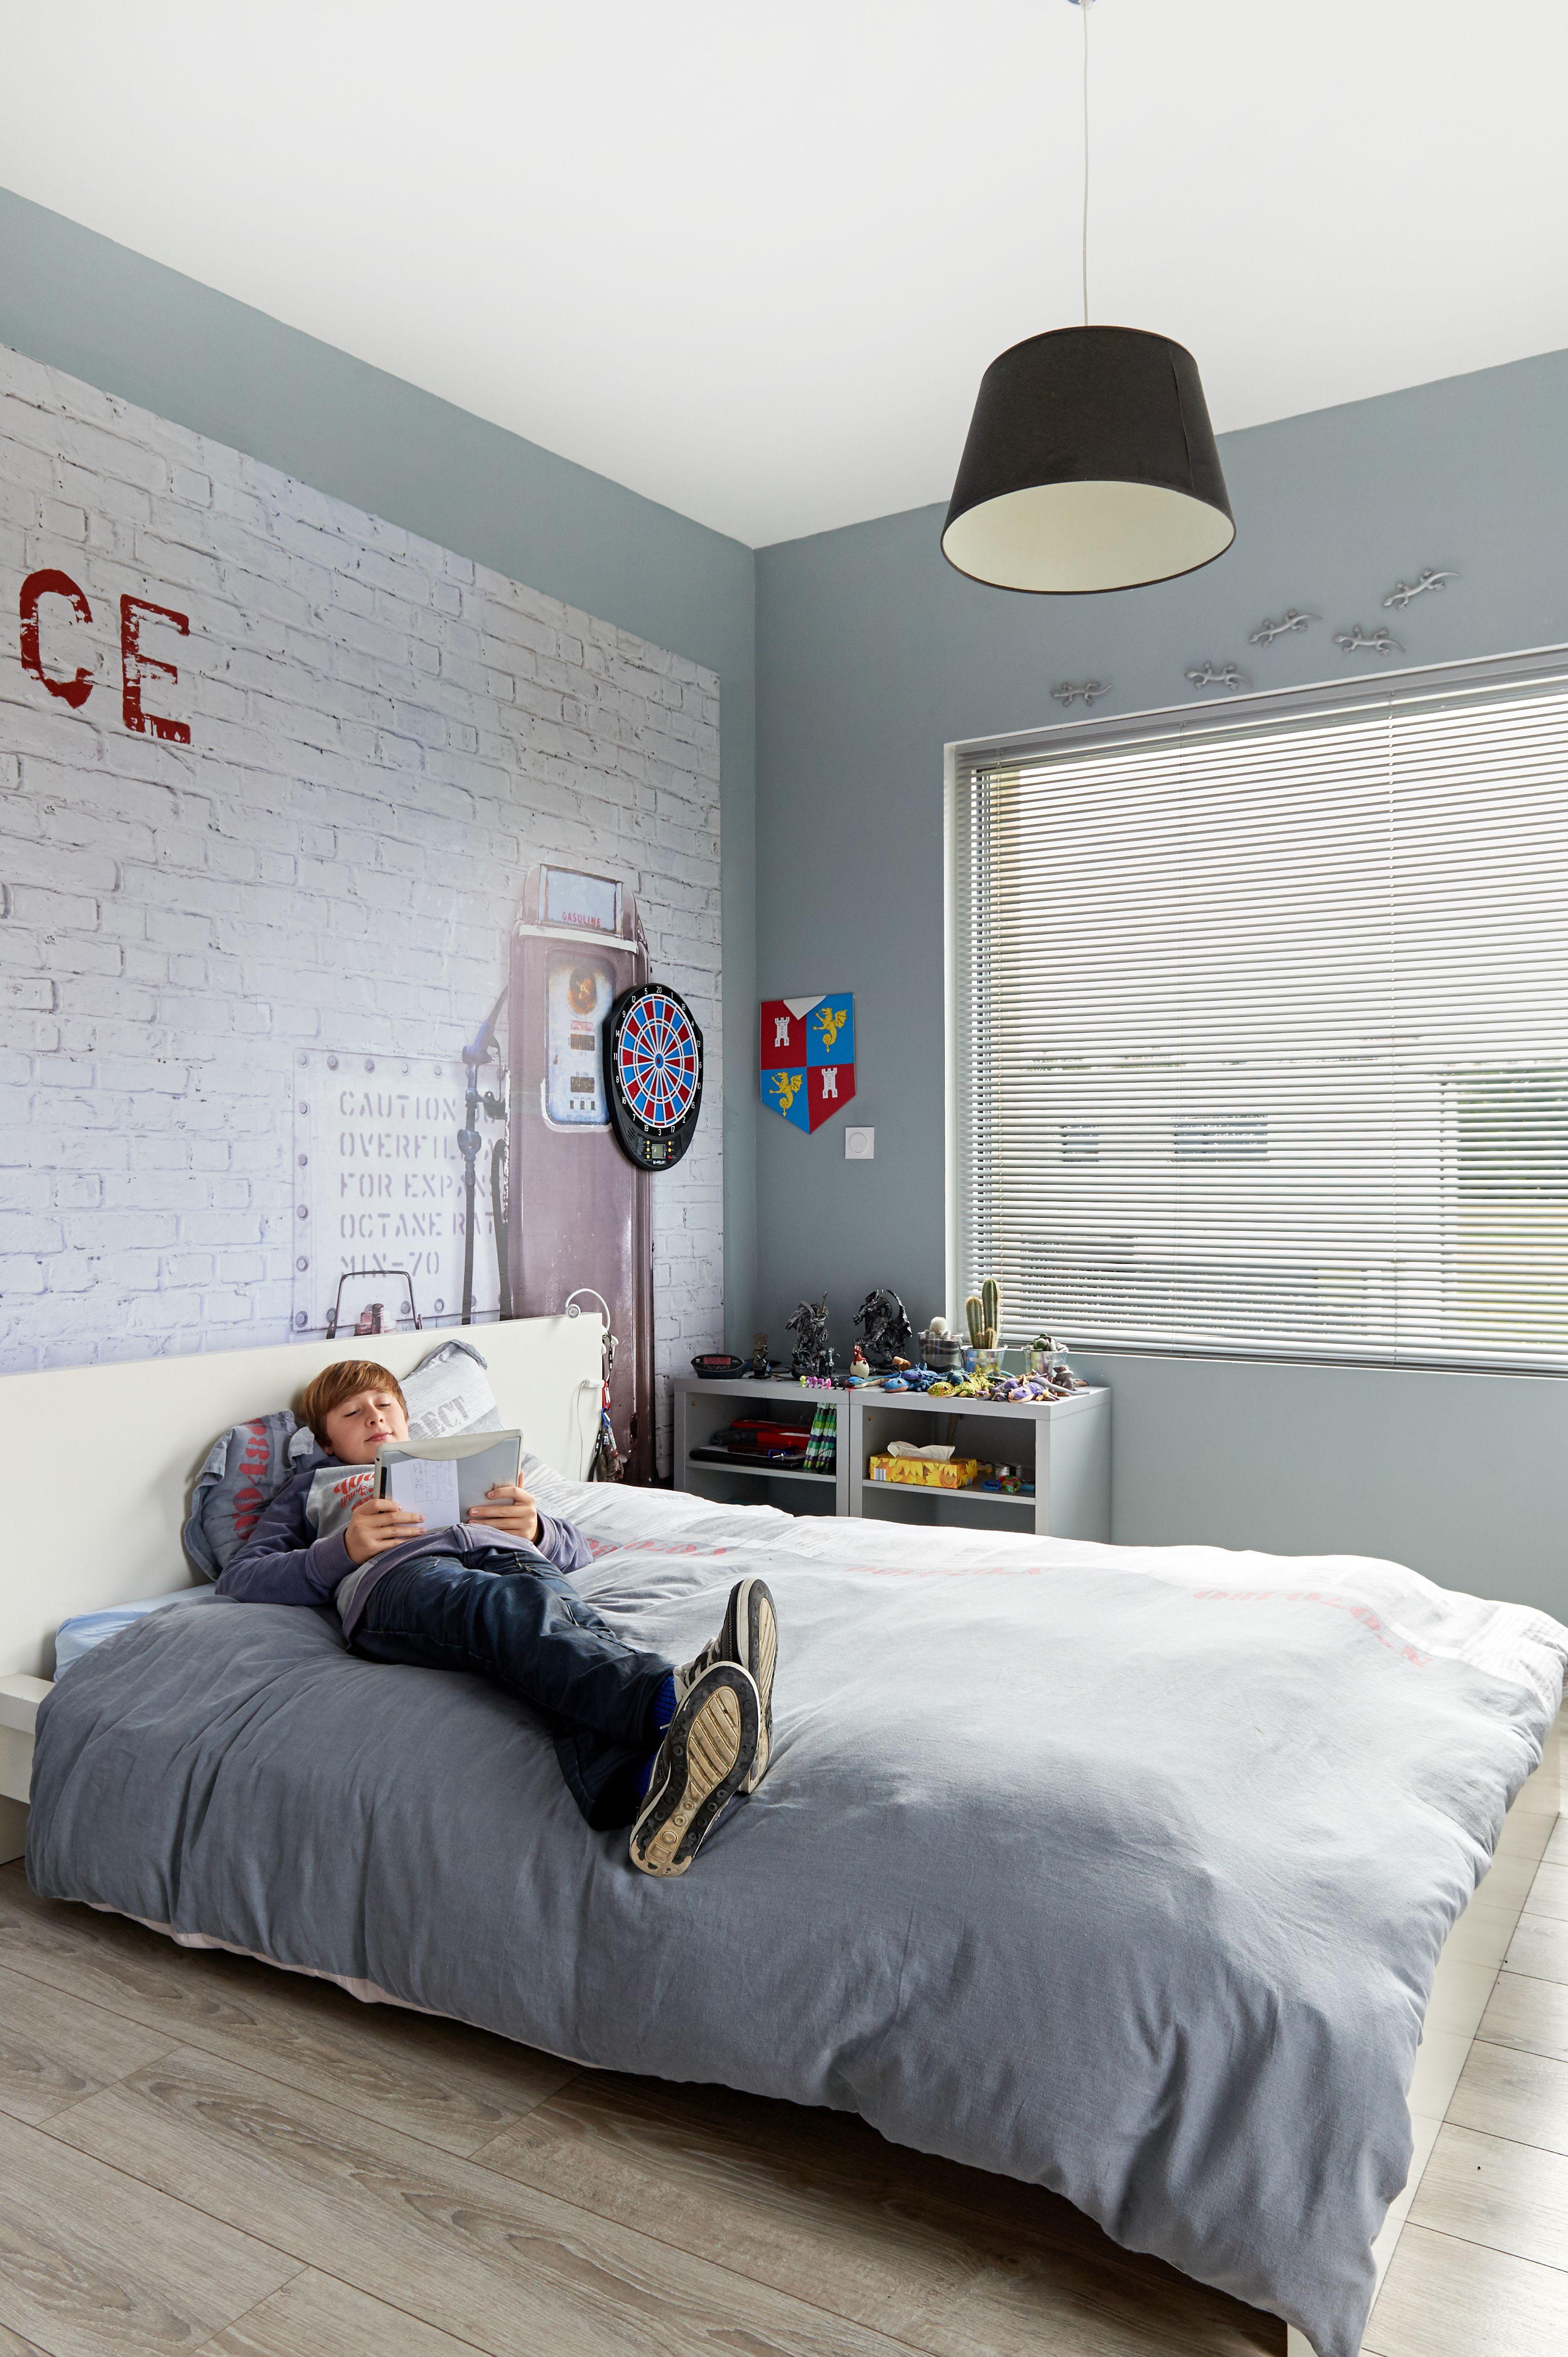 Chambre d adolescent avec fenªtre en aluminium Réalisation de